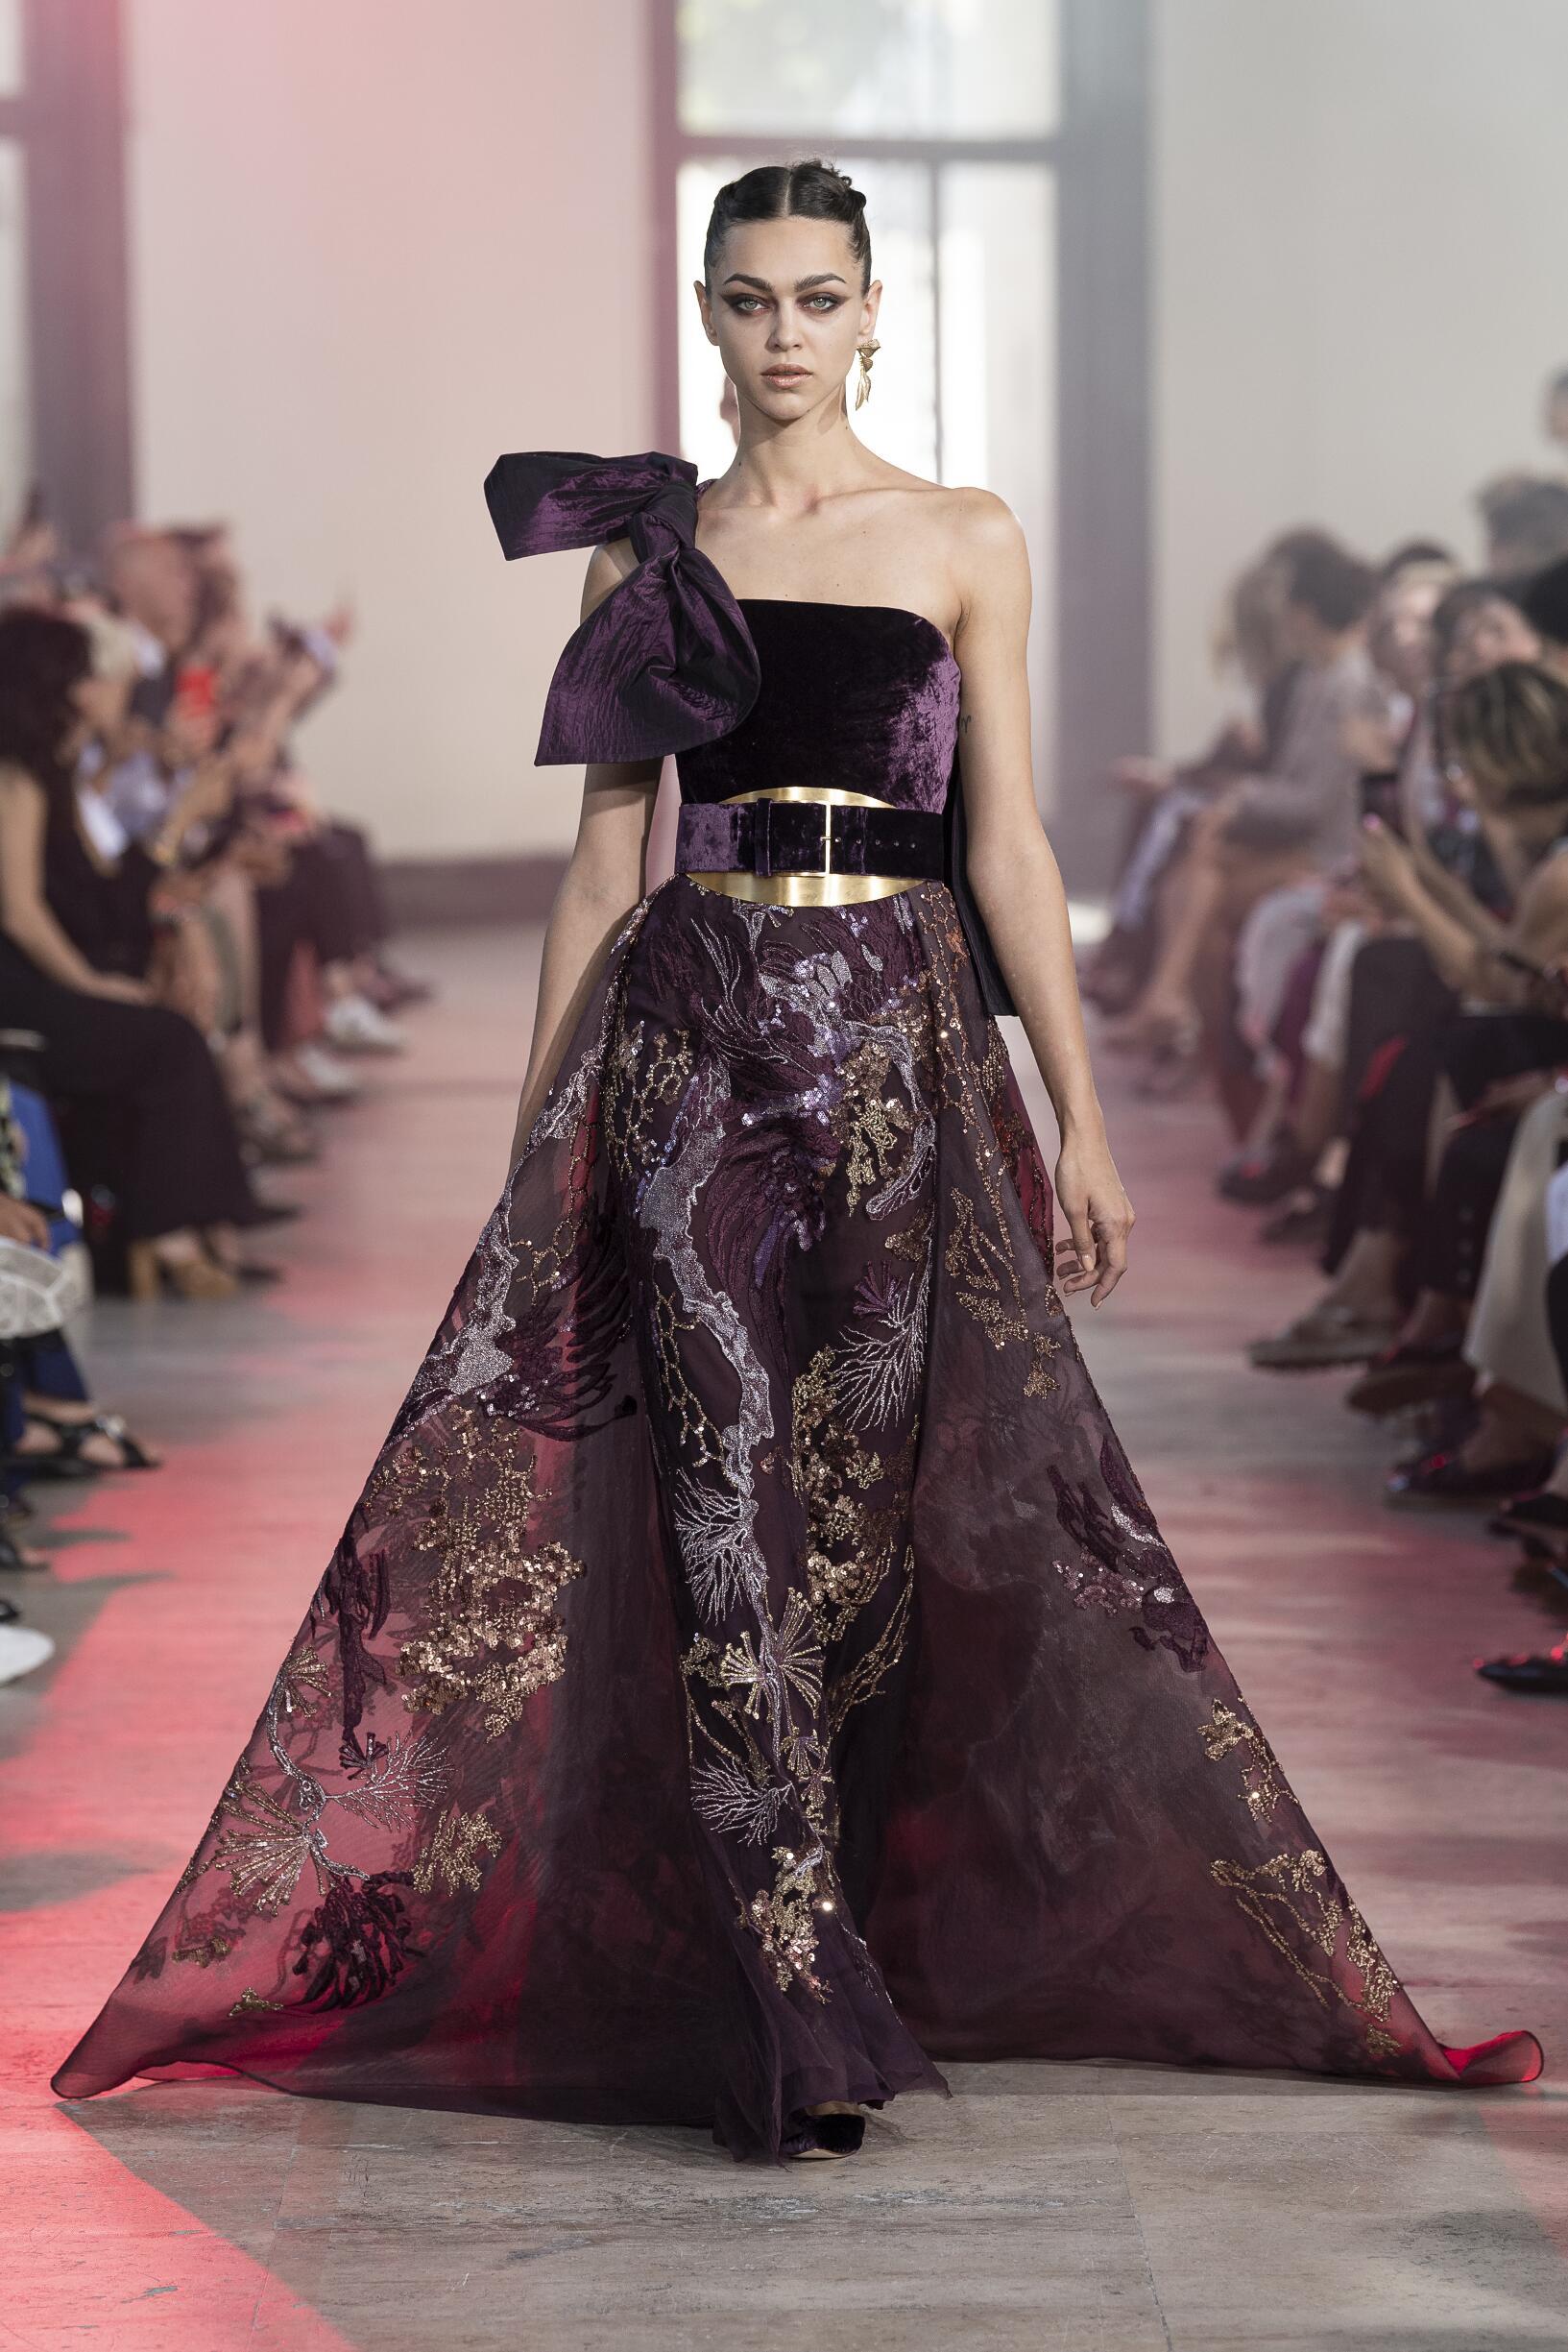 Elie Saab Haute Couture Paris Fashion Week Womenswear 2019-20